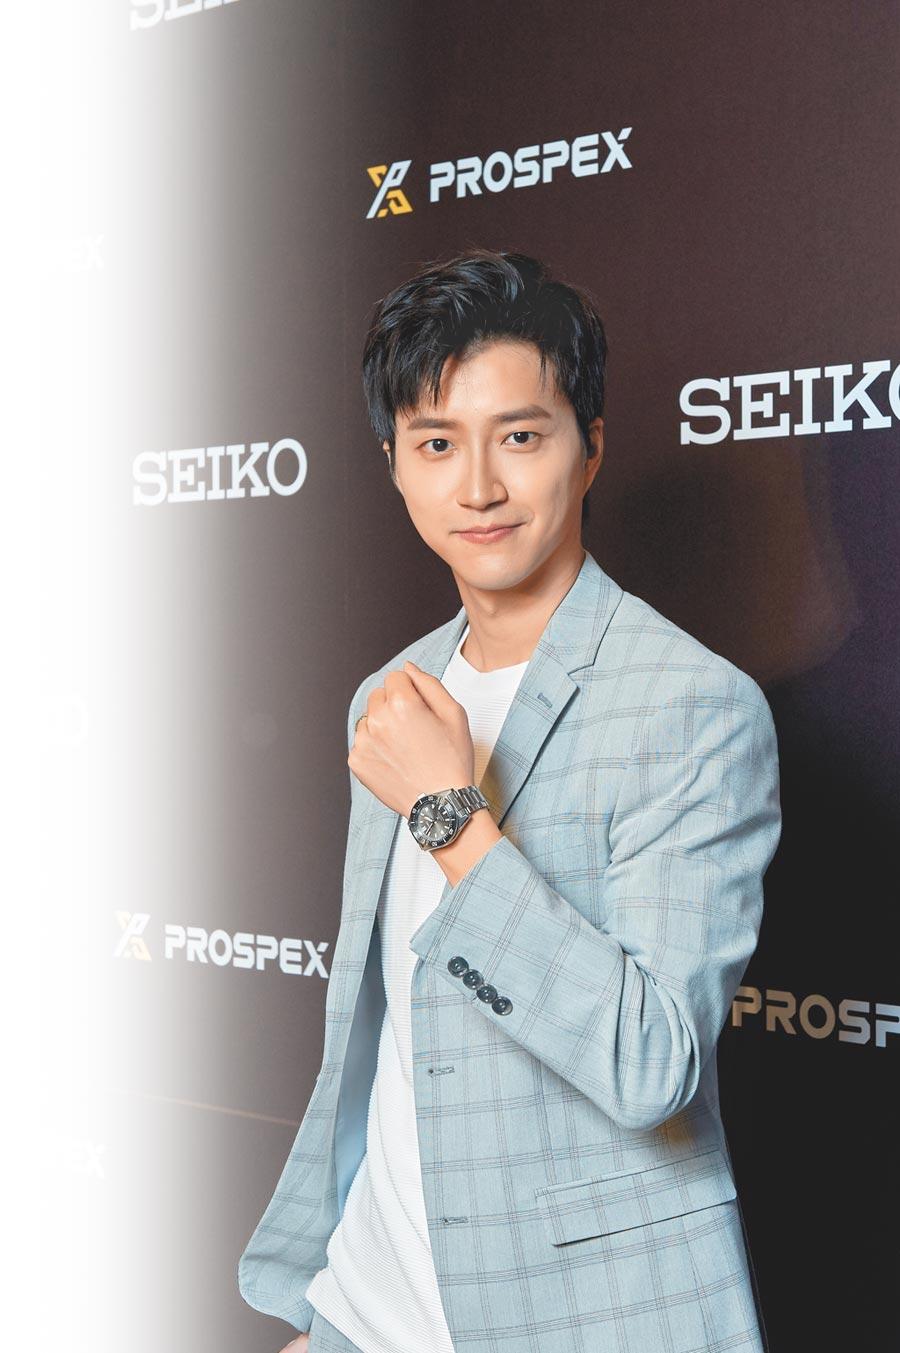 桌球王子江宏傑佩戴SEIKO prosprex現代款,分享他運動員生涯中挑戰自我的心情故事,與SEIKO「勇無止境」的品牌精神完美呼應。(SEIKO提供)